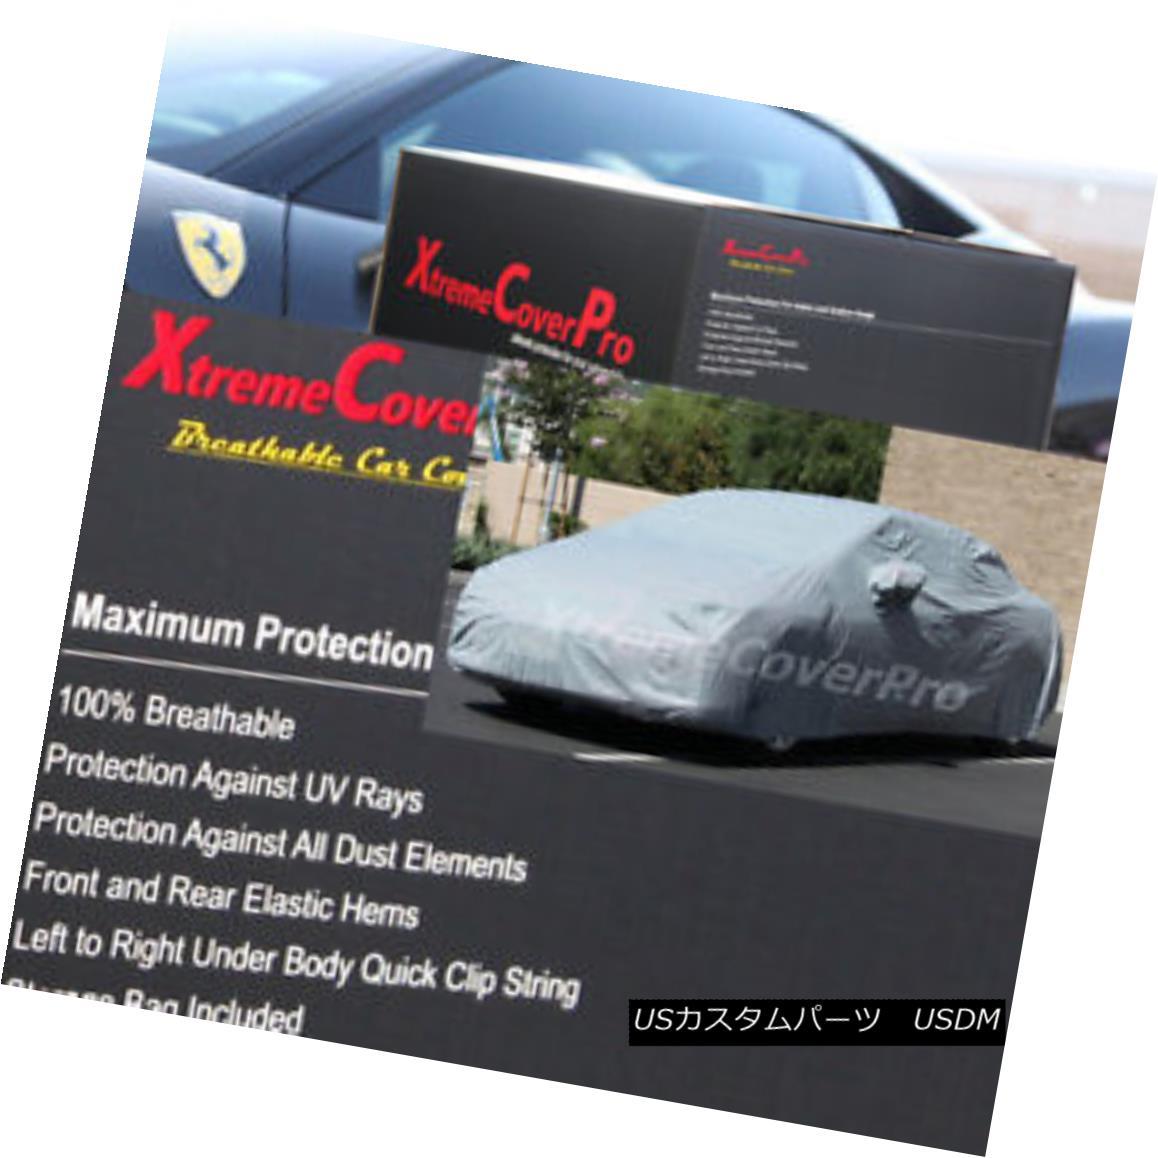 カーカバー 1988 1989 1990 1991 Buick Century Breathable Car Cover w/MirrorPocket 1988 1989 1990 1991 Buick Century通気性車カバー付きMirrorPocket